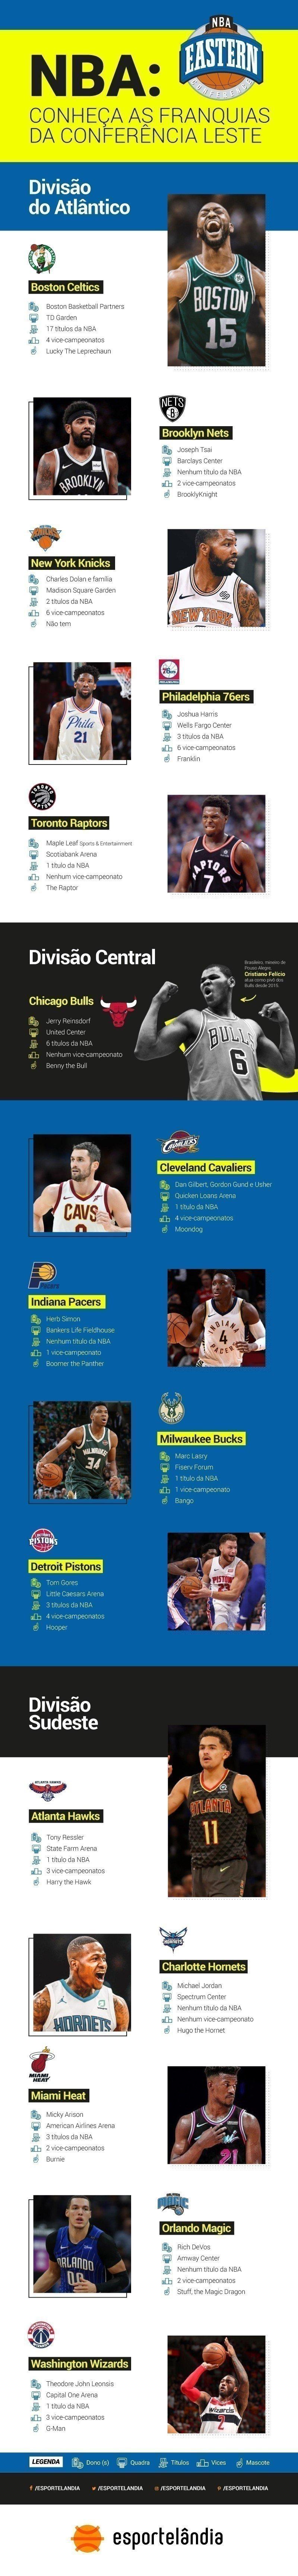 Times da NBA conferencia Leste